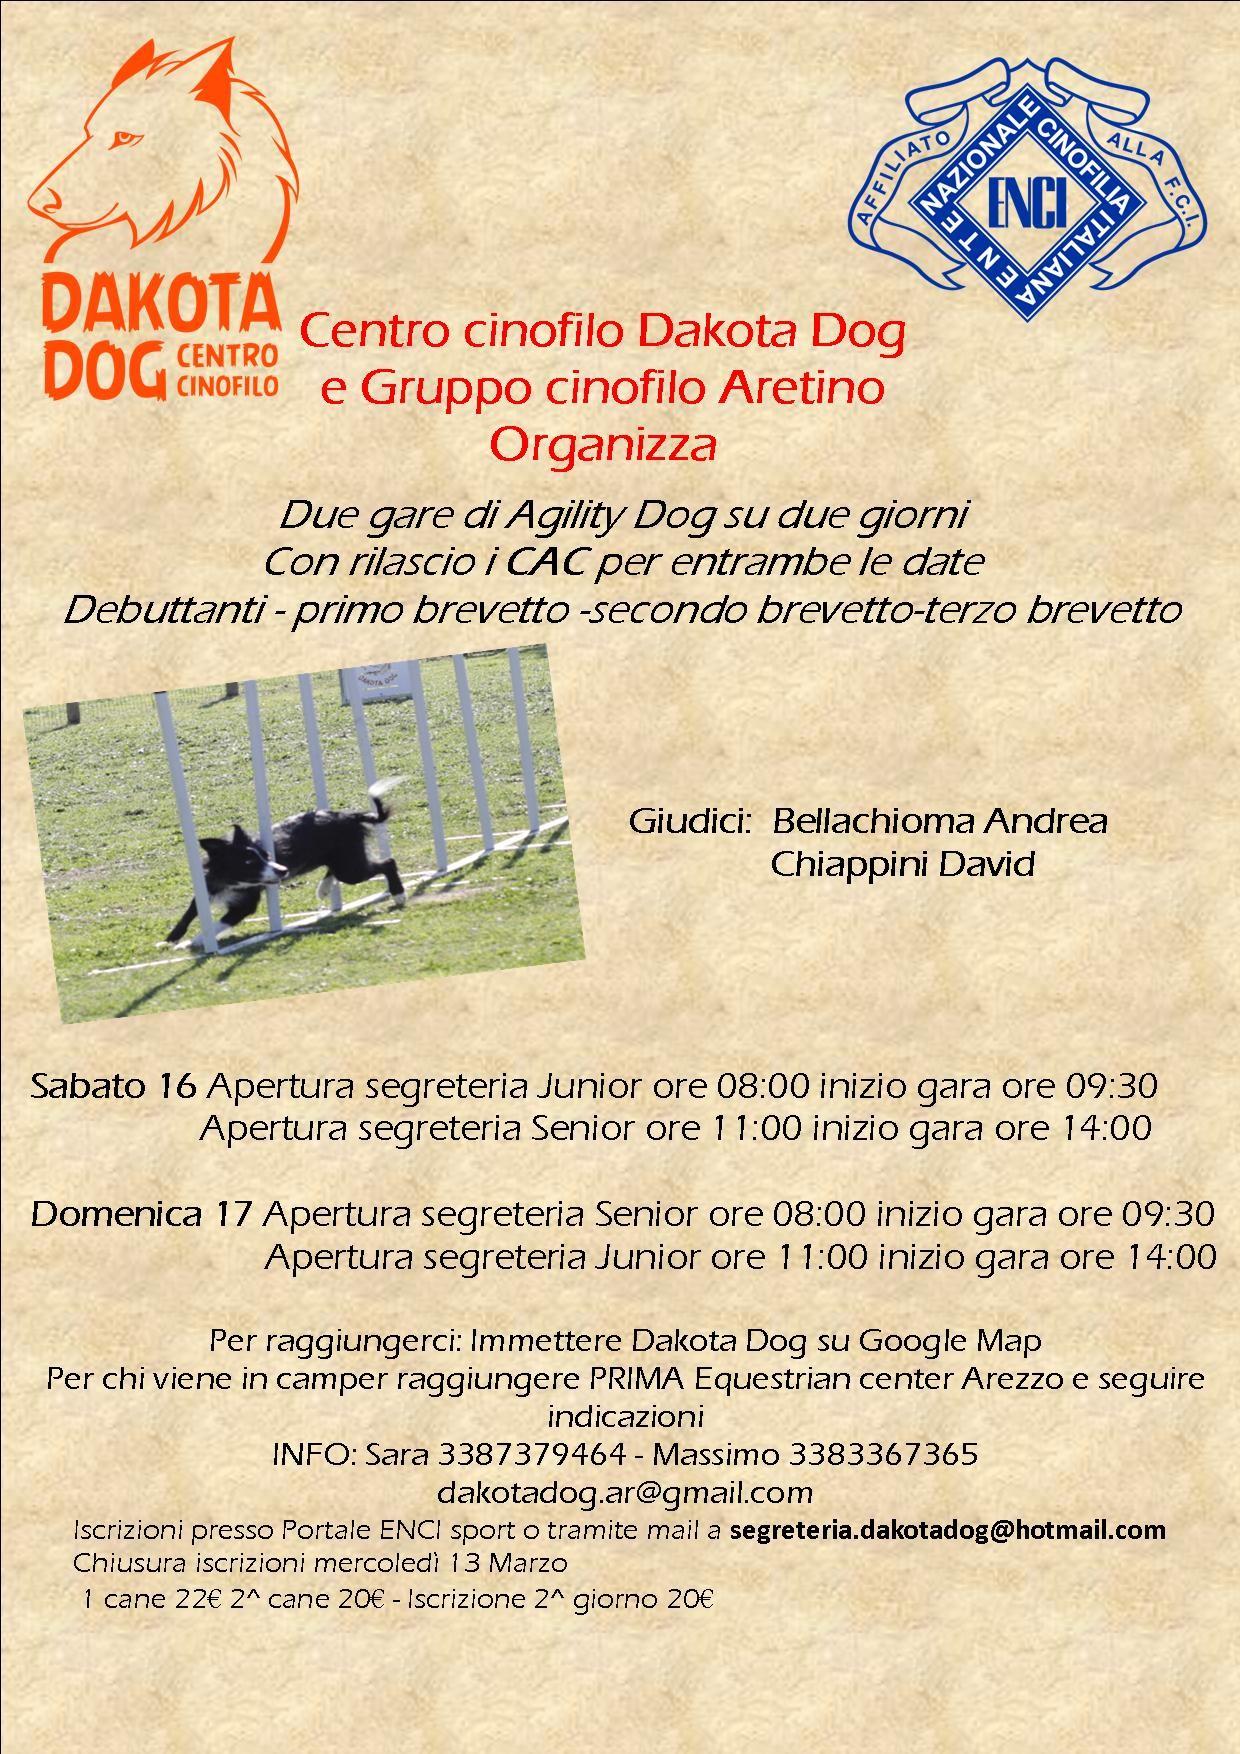 Gara Nazionale di Agility Dog di Arezzo 16 Marzo con rilascio di CAC